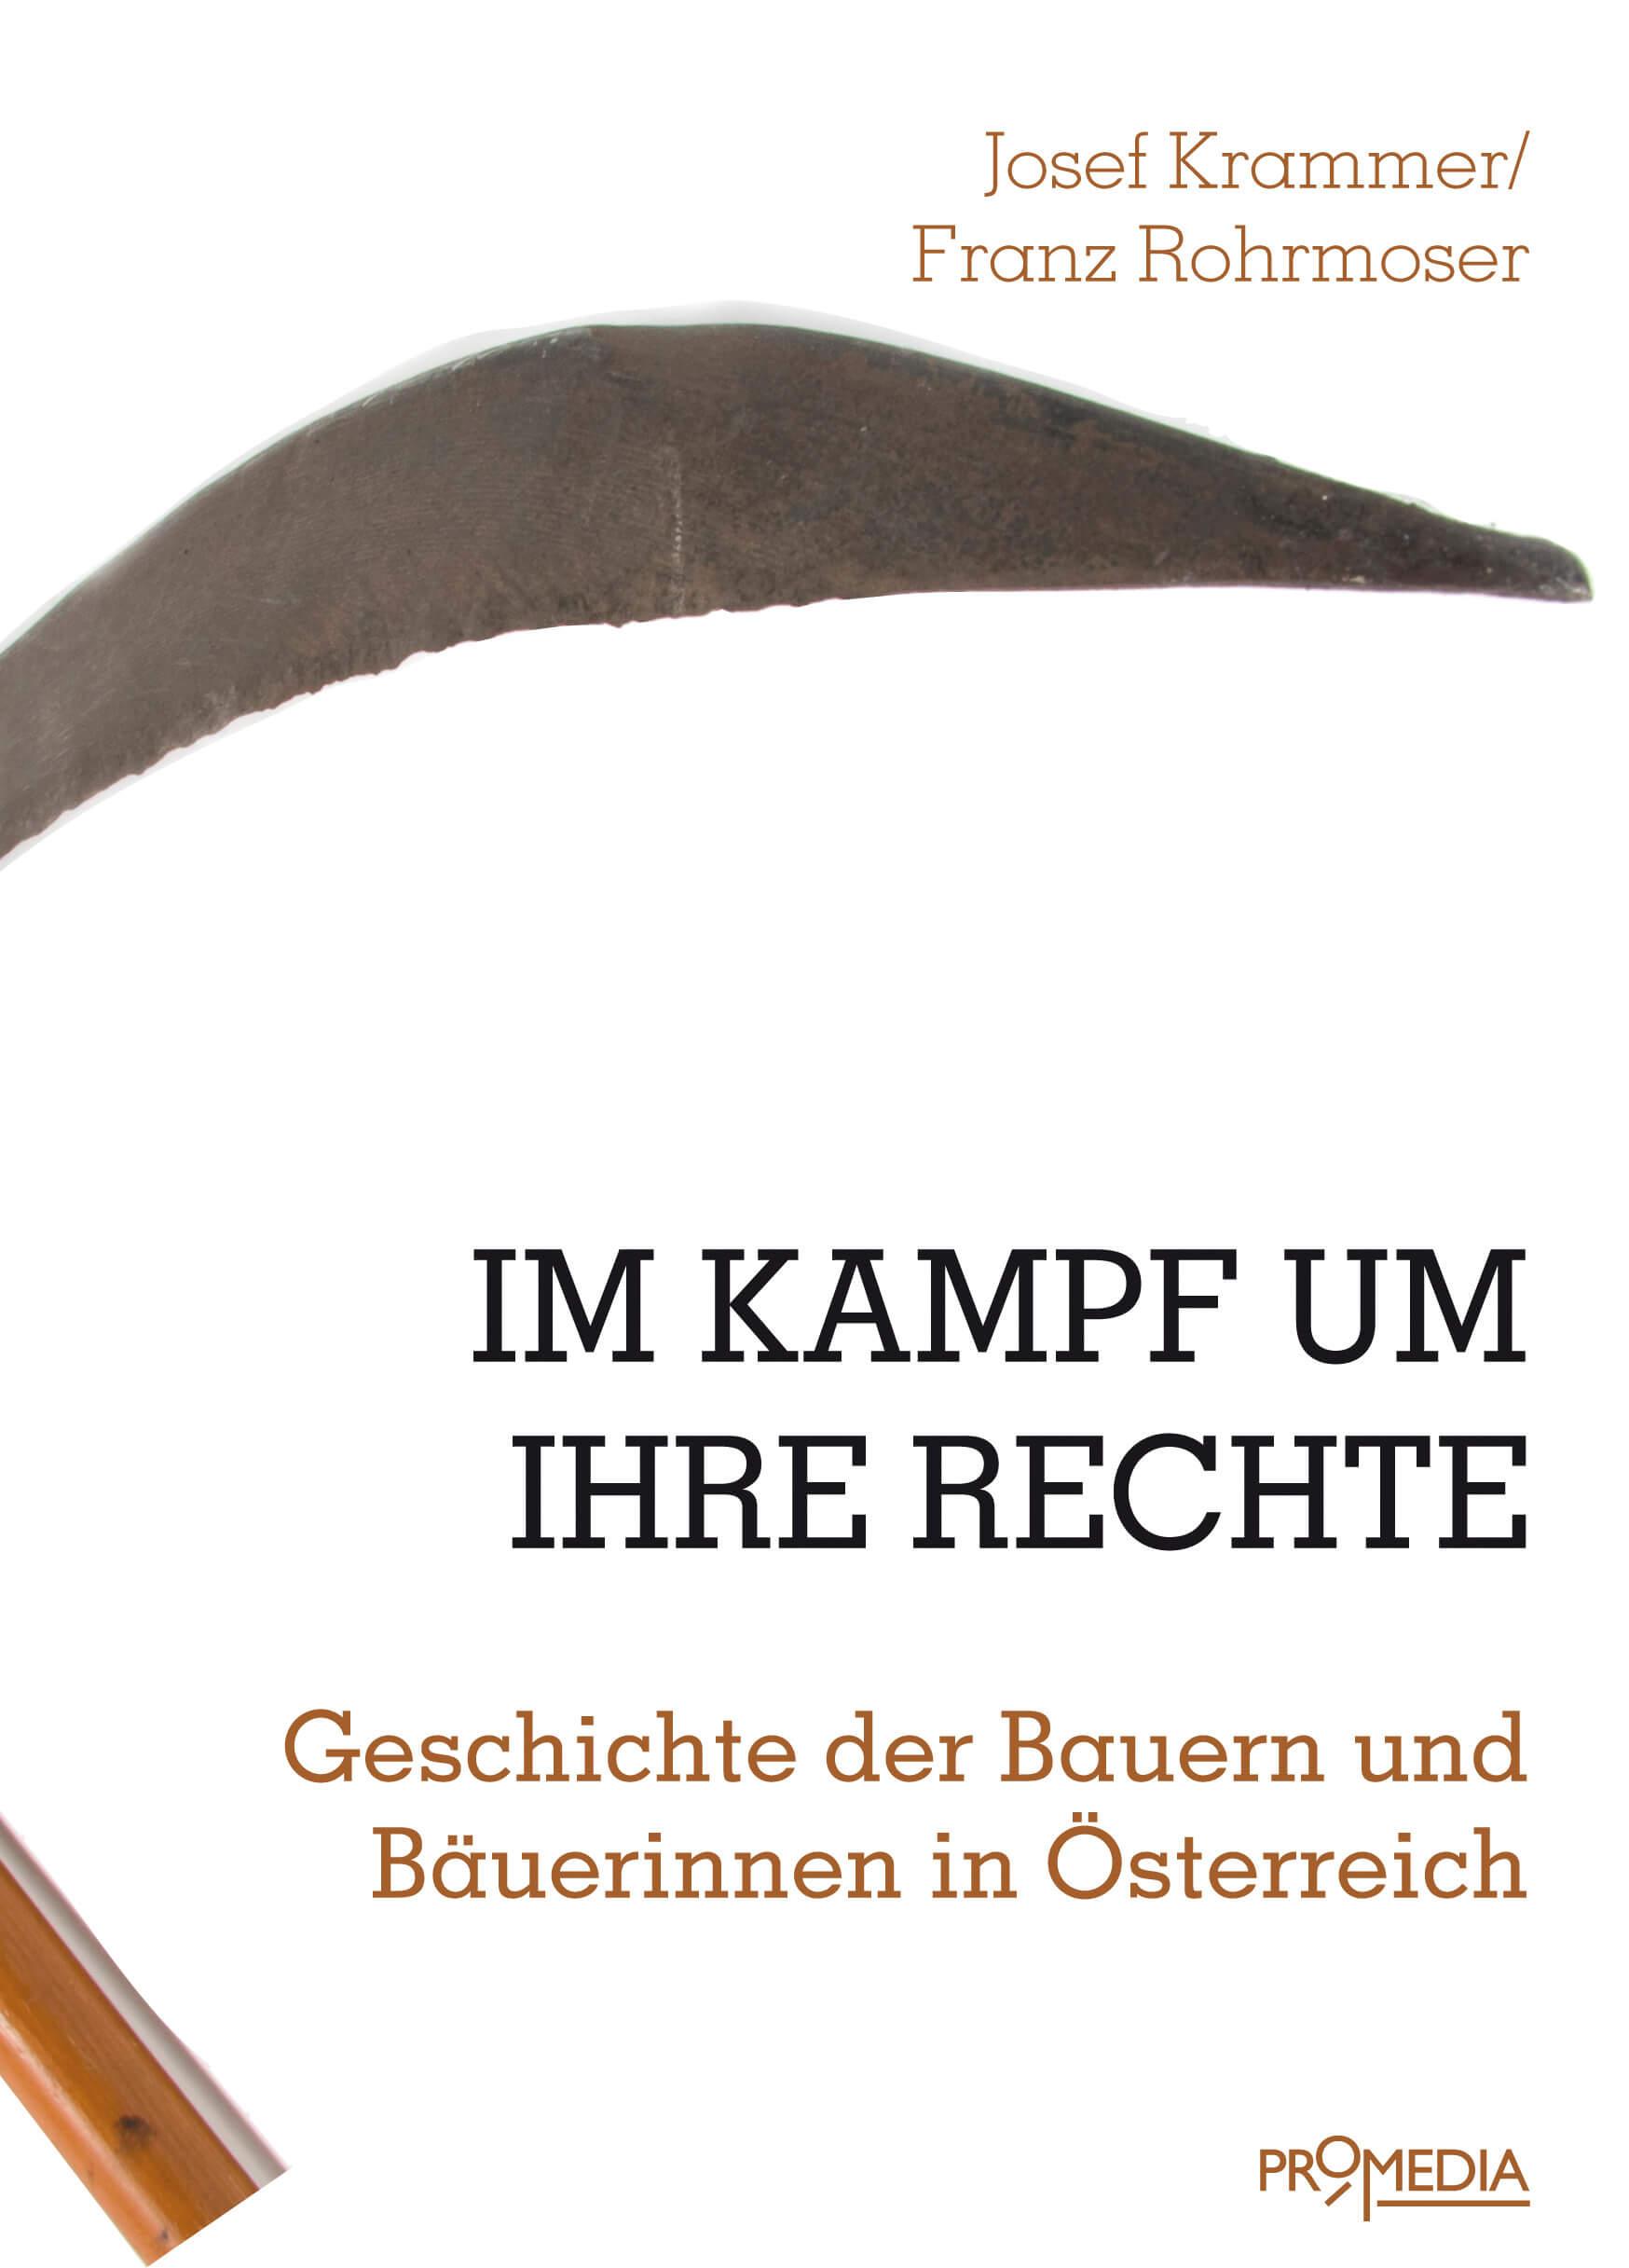 Bergbauern Kleinbauern Josef Krammer